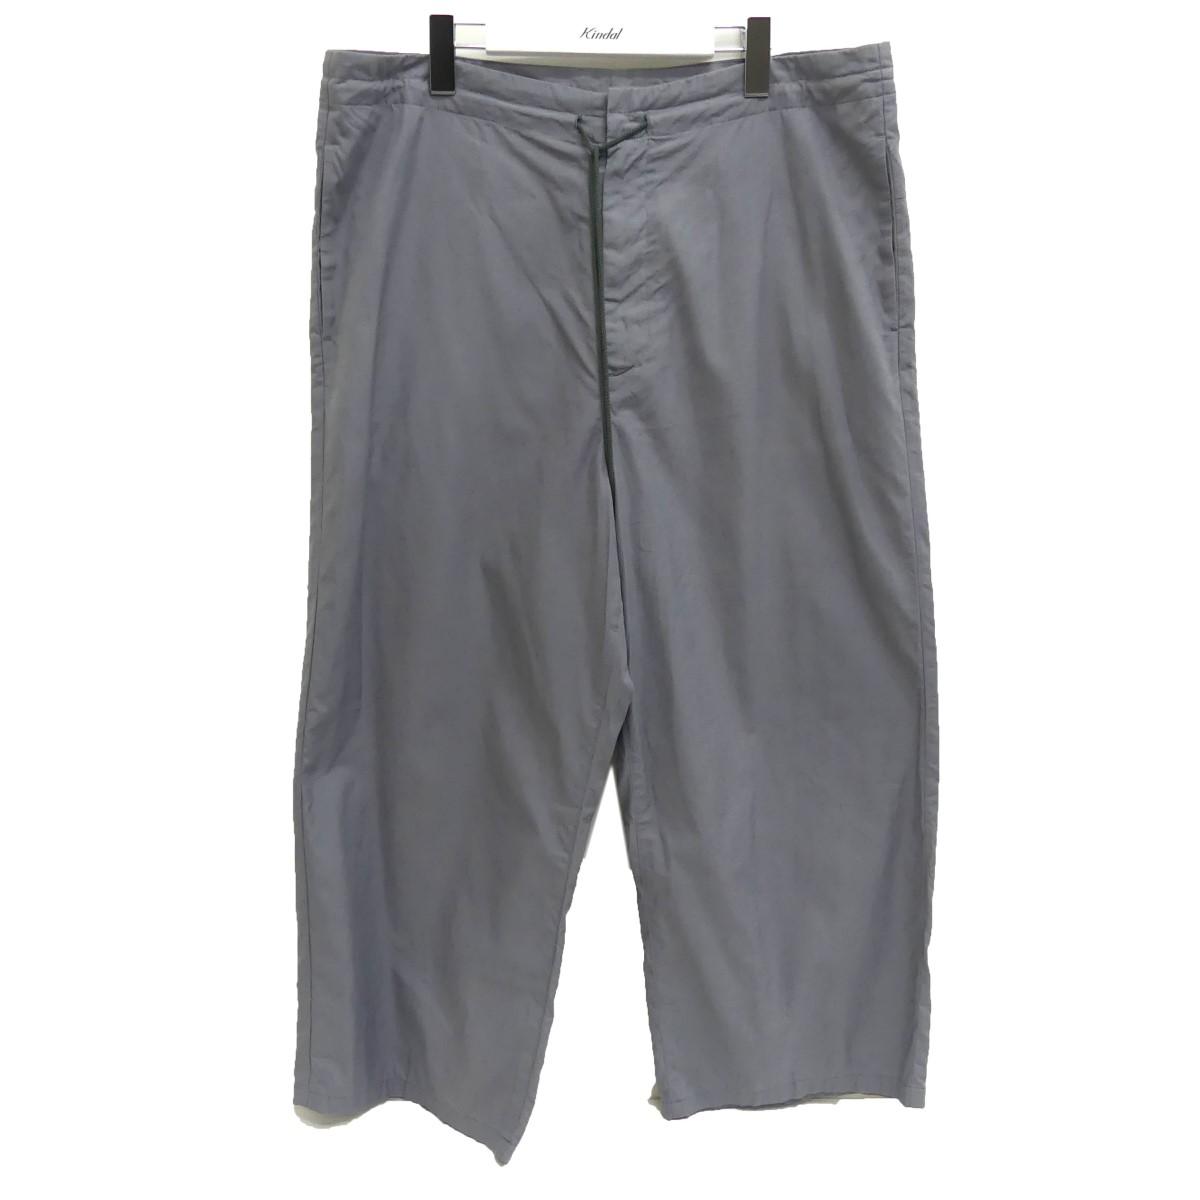 【中古】AURALEE 20SS WASHED FINX TWILL EASY WIDE PANTS ワイドイージーパンツ グレー サイズ:3 【160720】(オーラリー)